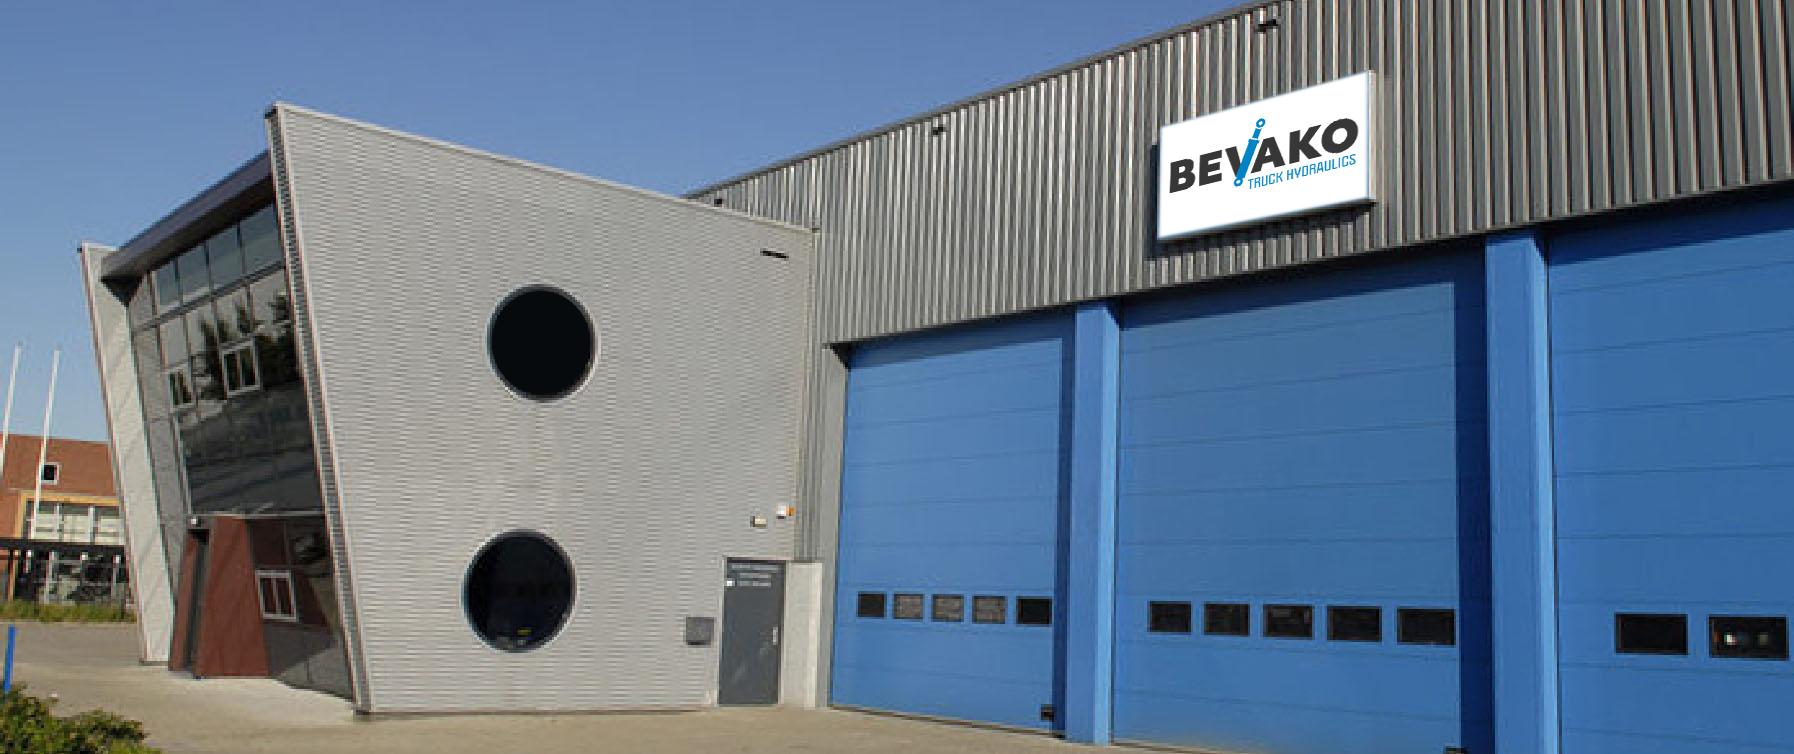 Bevako Truck Hydraulics diensten